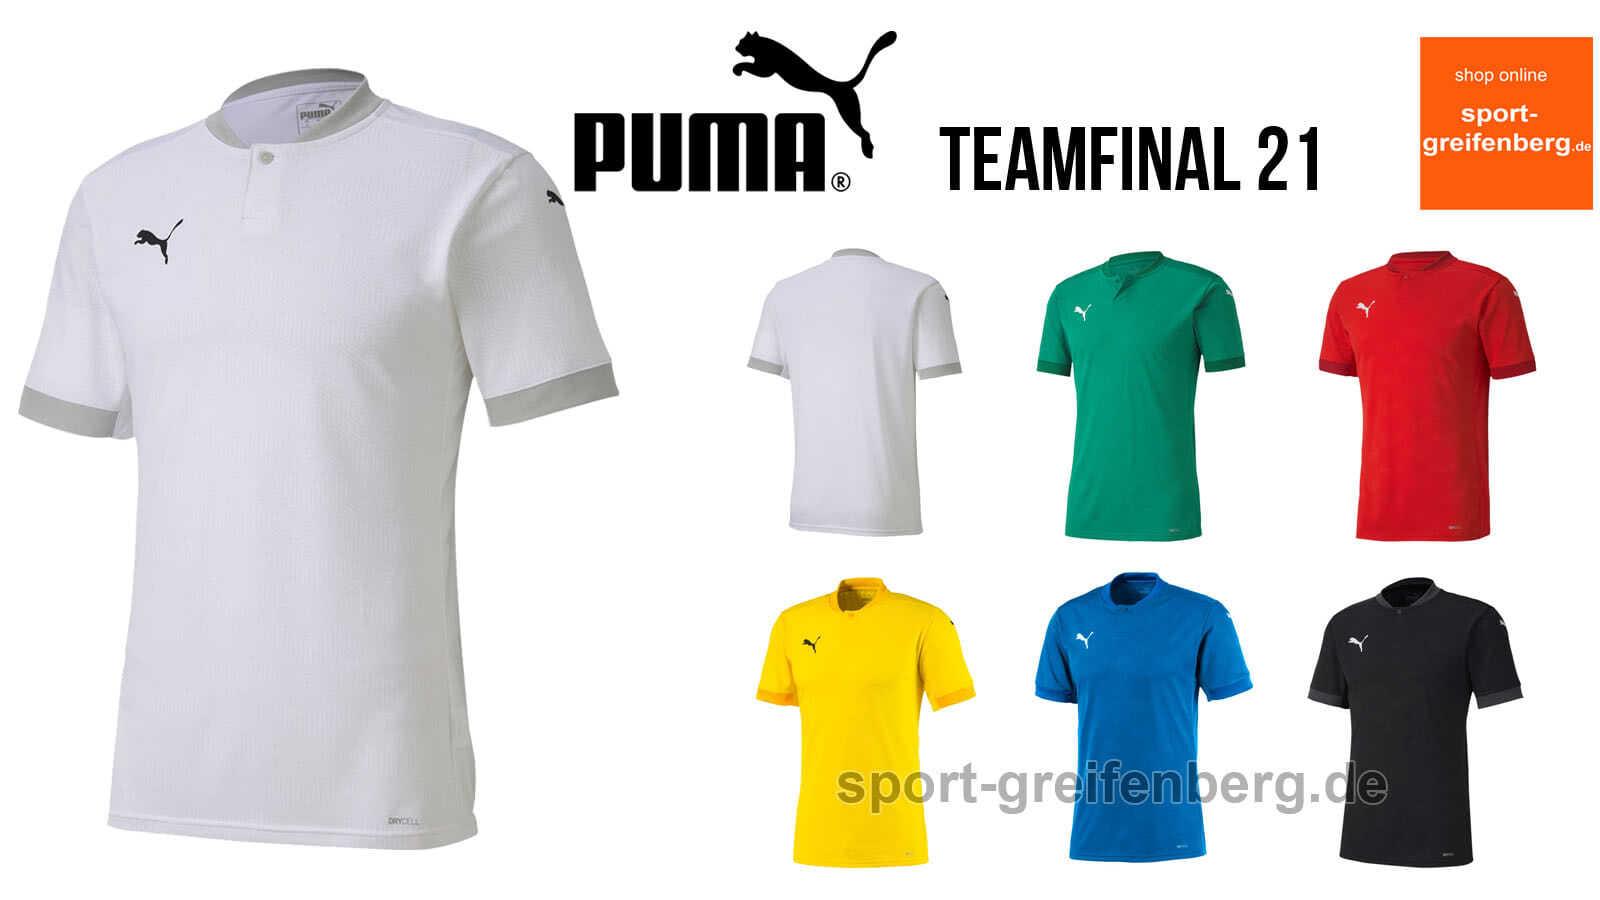 Das puma teamfinal 21 Jersey als Trikot der Profis von der EM